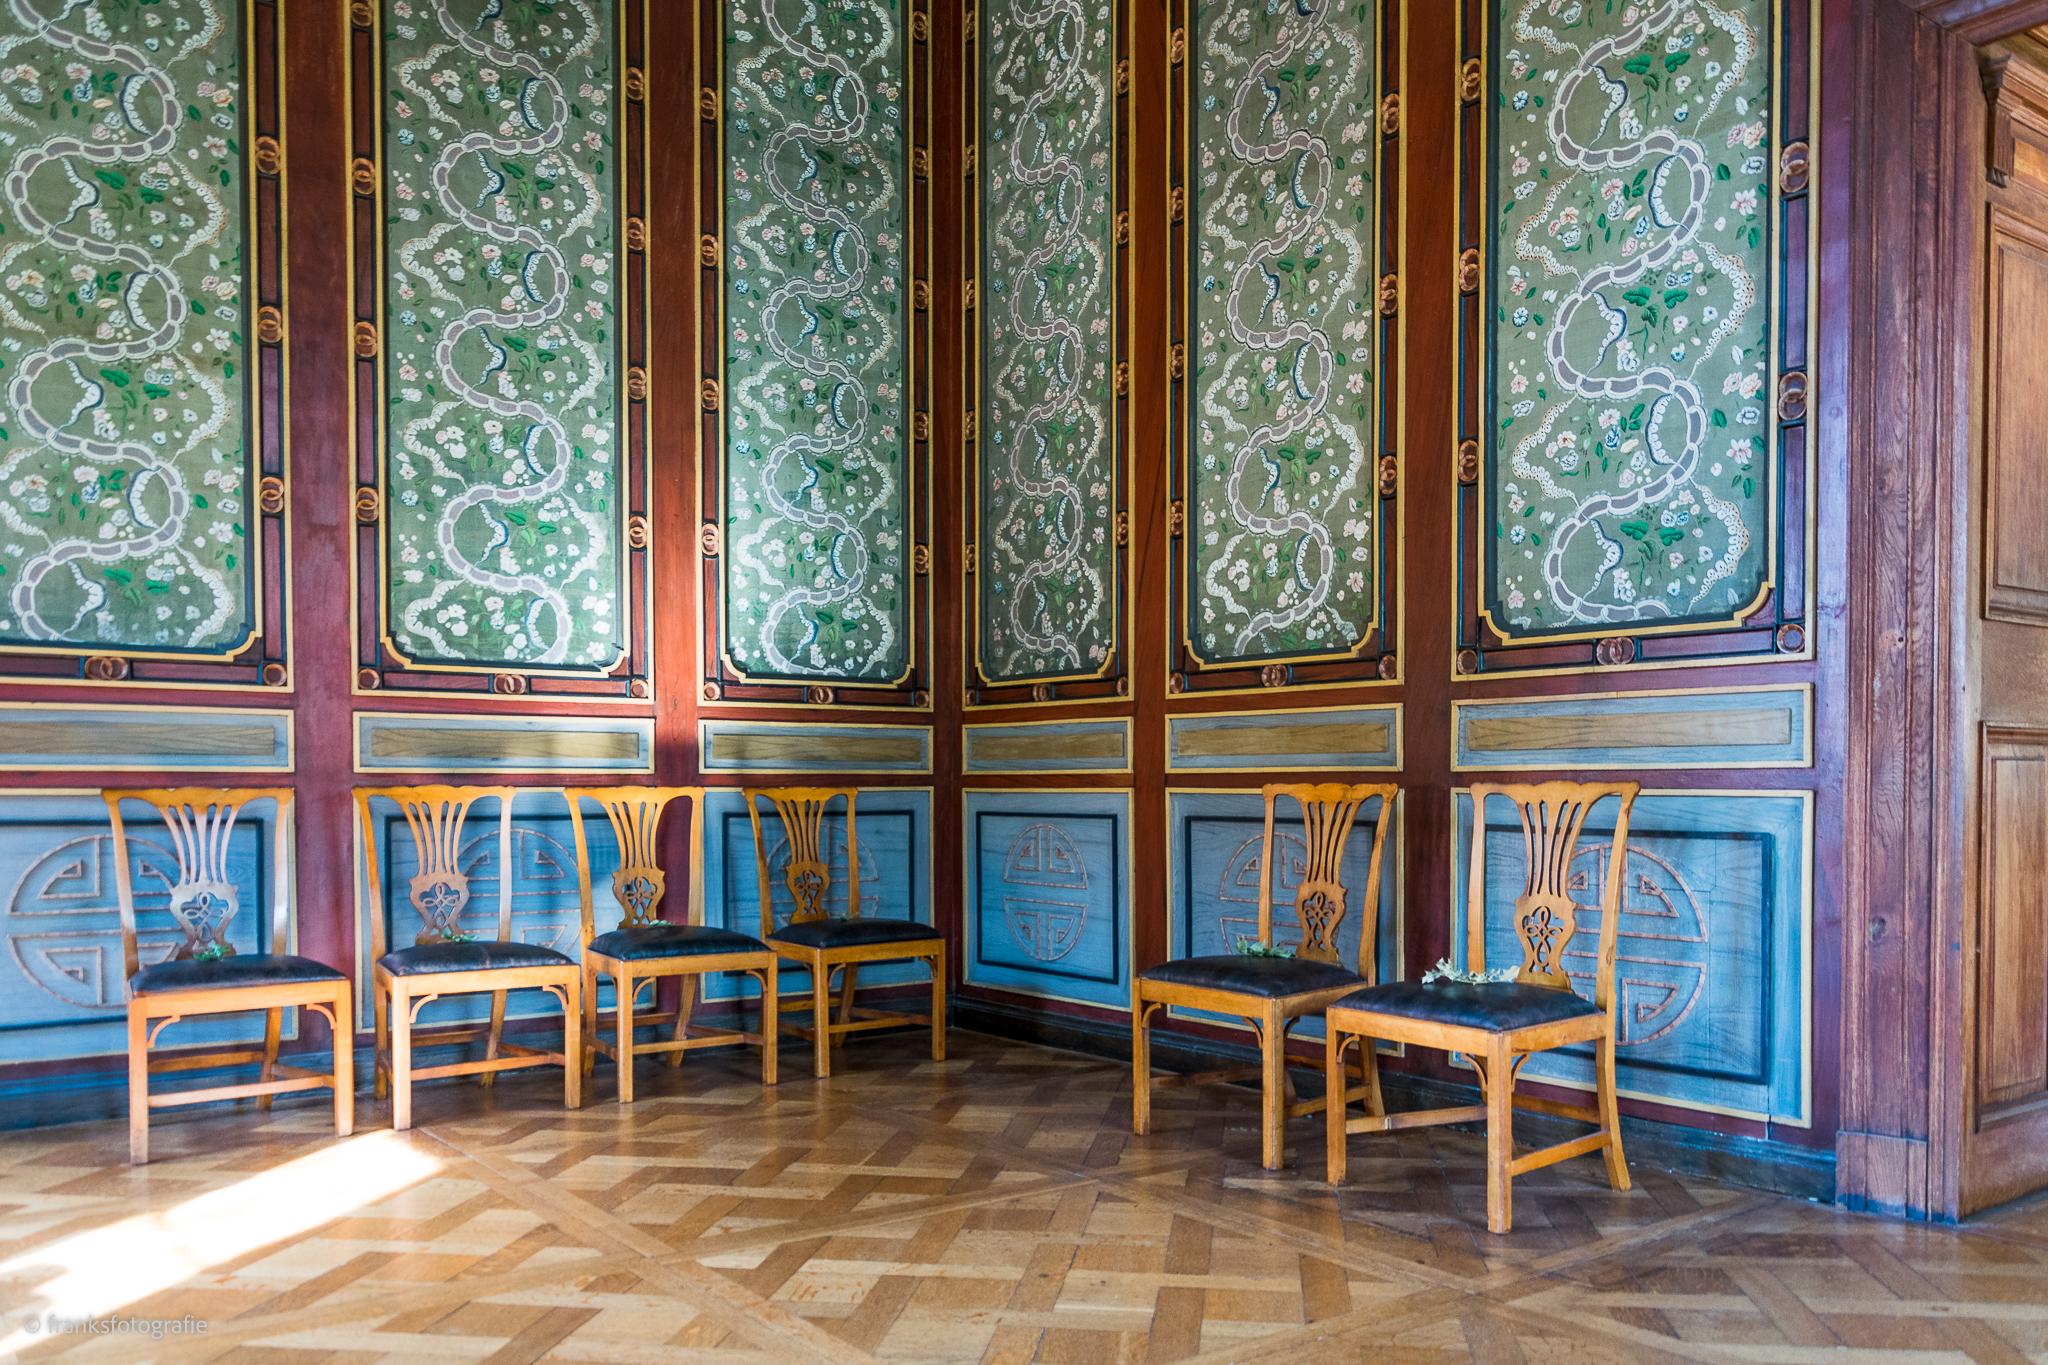 Innenräume von Schloss Wörlitz Chinesisches Zimmer